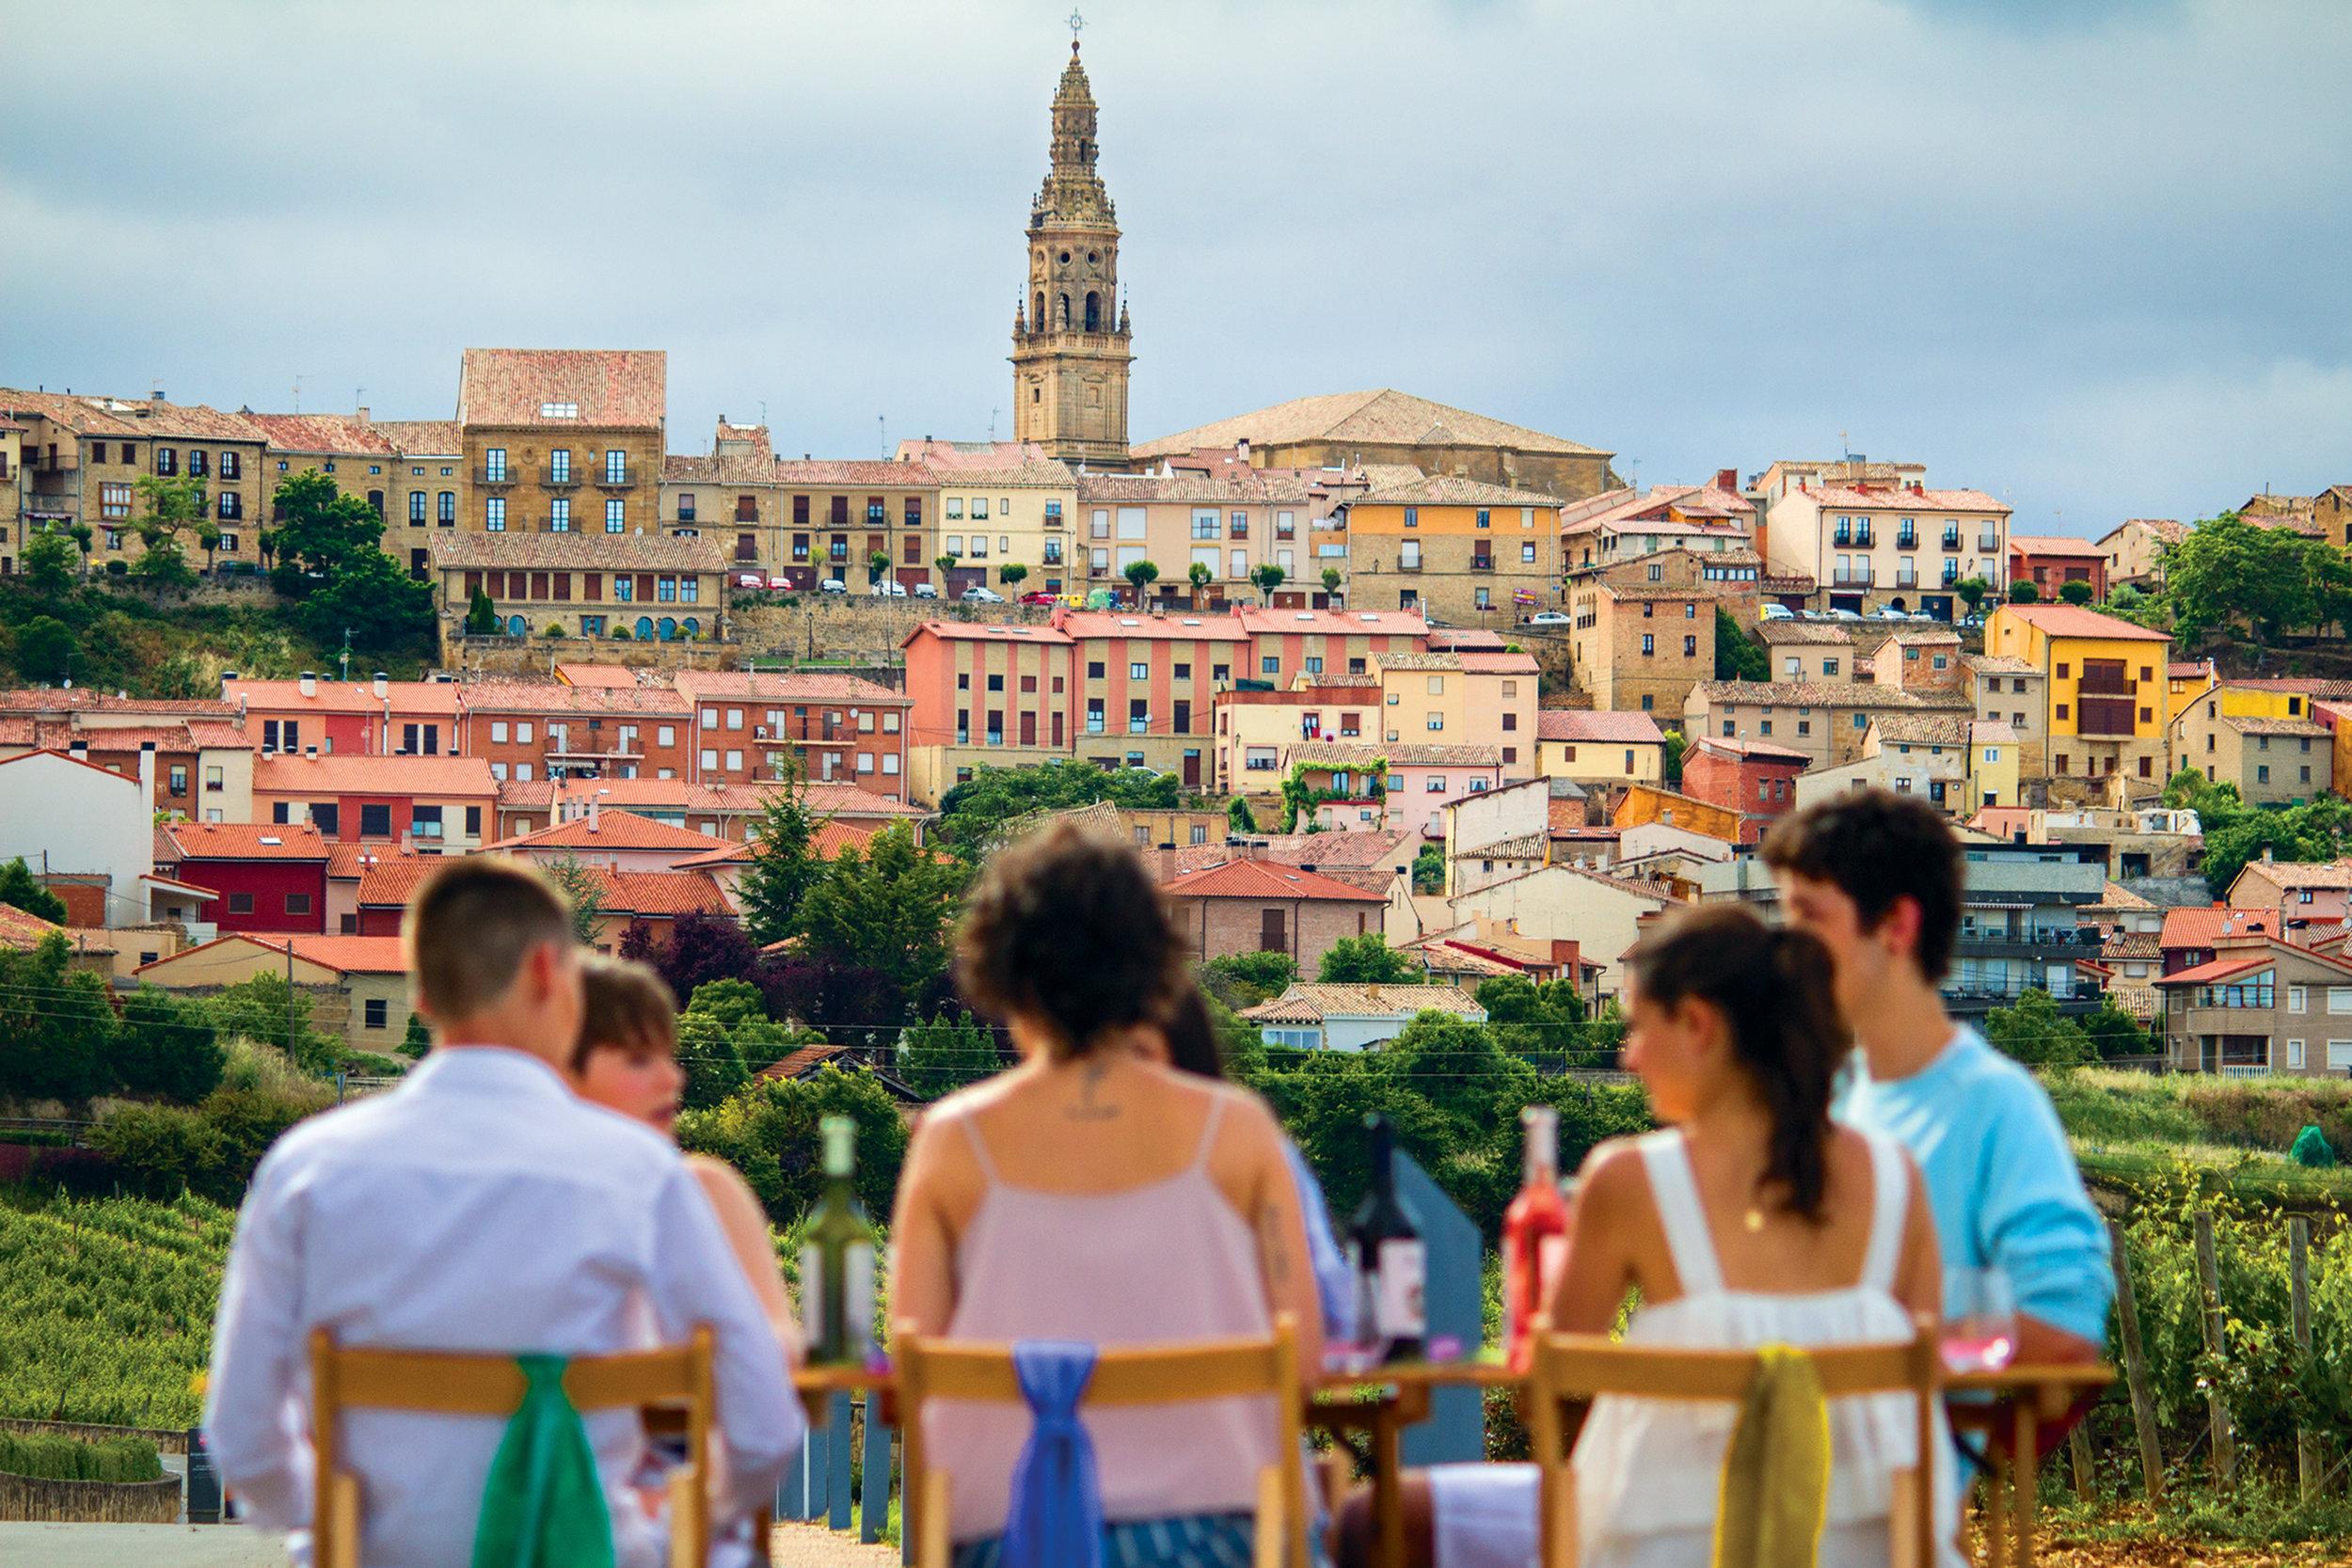 Vivanco-Wines_Briones-Rioja-Spain_Dinner-Party-Vineyard_Bettina-Elling_FMG 2018.jpg